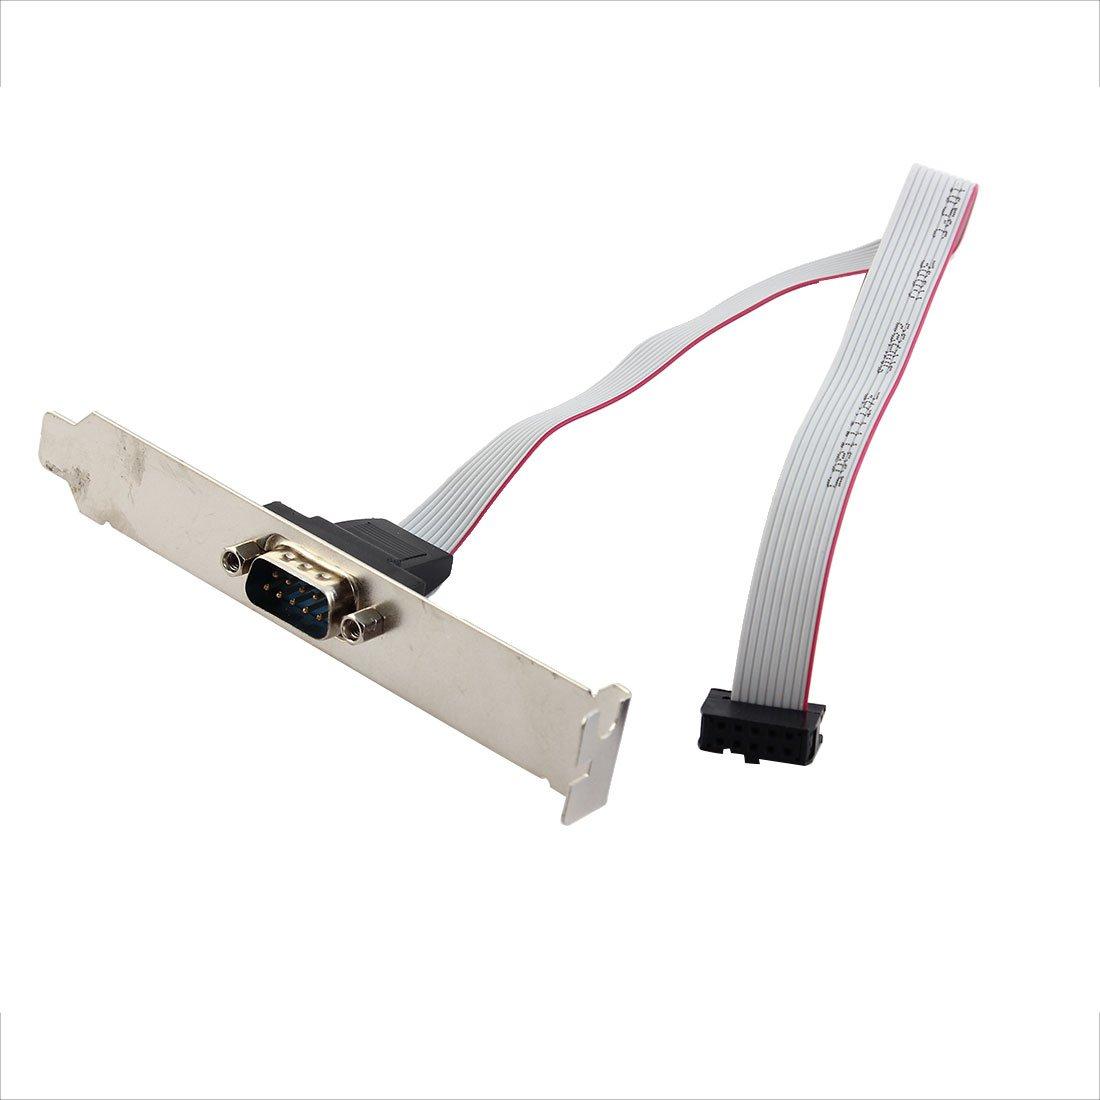 9 Pins auf IDC VGA Stecker Anschlusskabel 10 Pins: Amazon.de: Elektronik